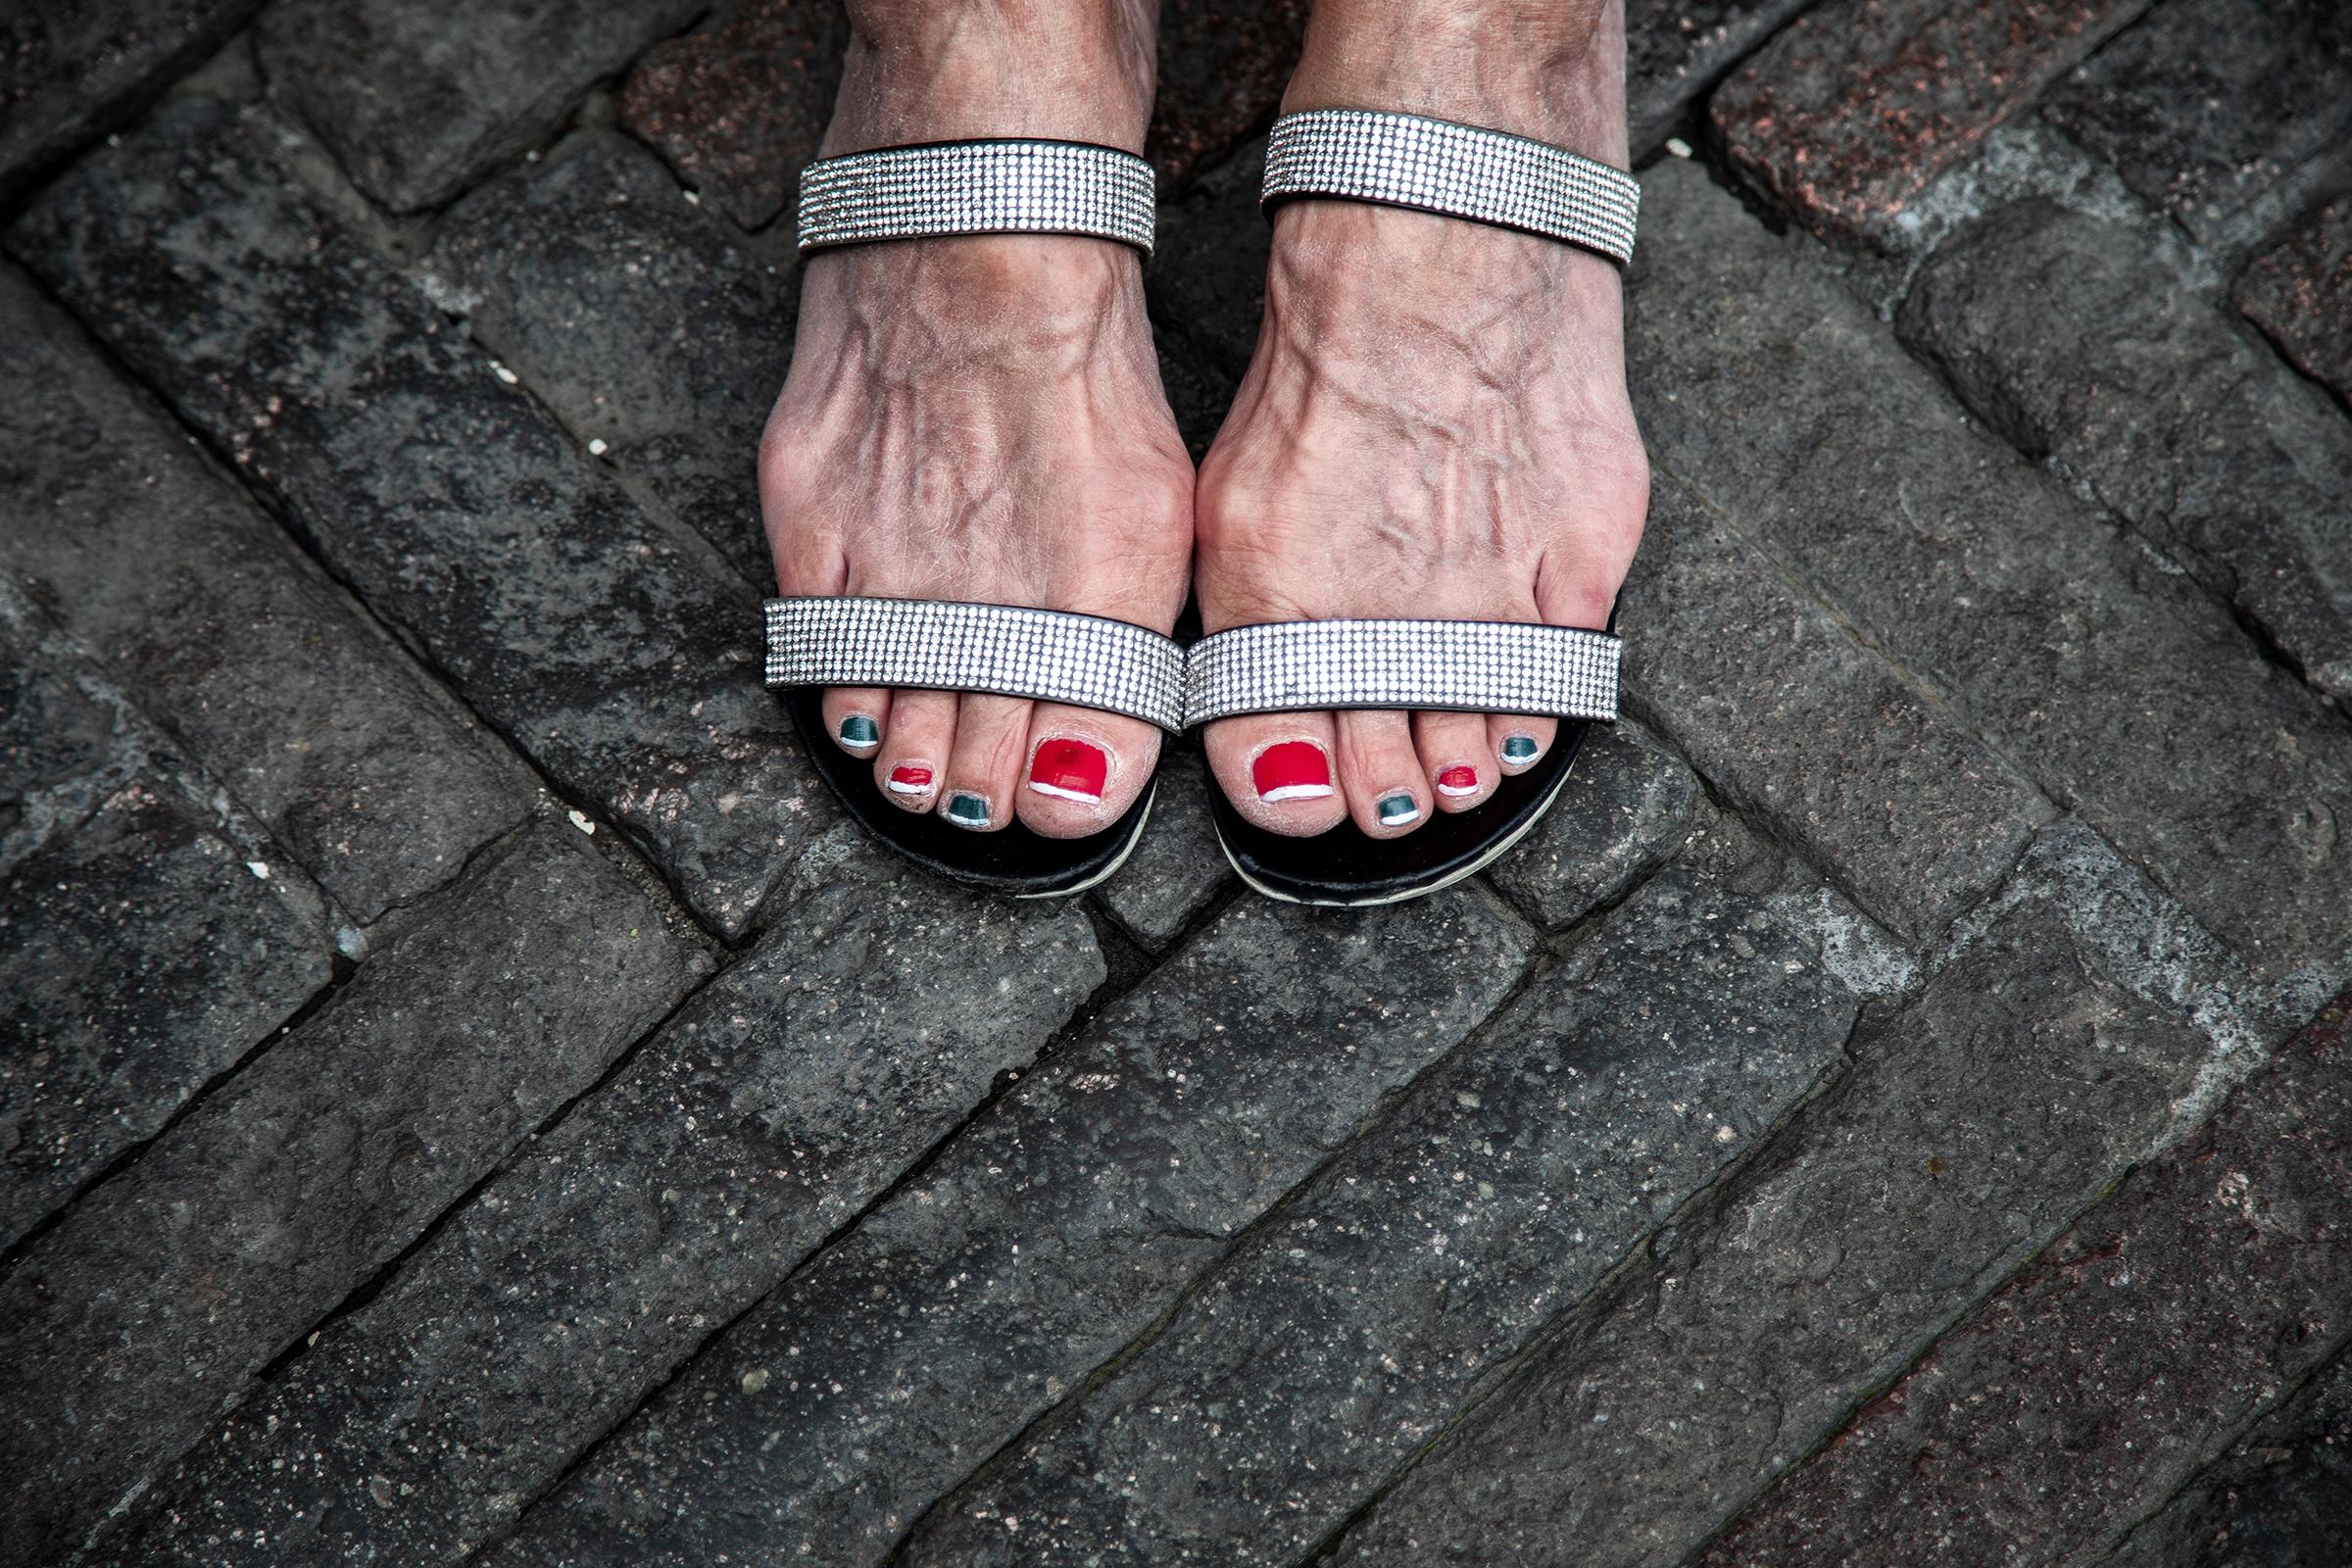 Italia var i lockdown i over to måneder, men nå har italienerne full bevegelsesfrihet igjen. En gammel dame har lakket neglene i det italienske flaggets farger og tatt turen til gamlebyen i Bergamo.